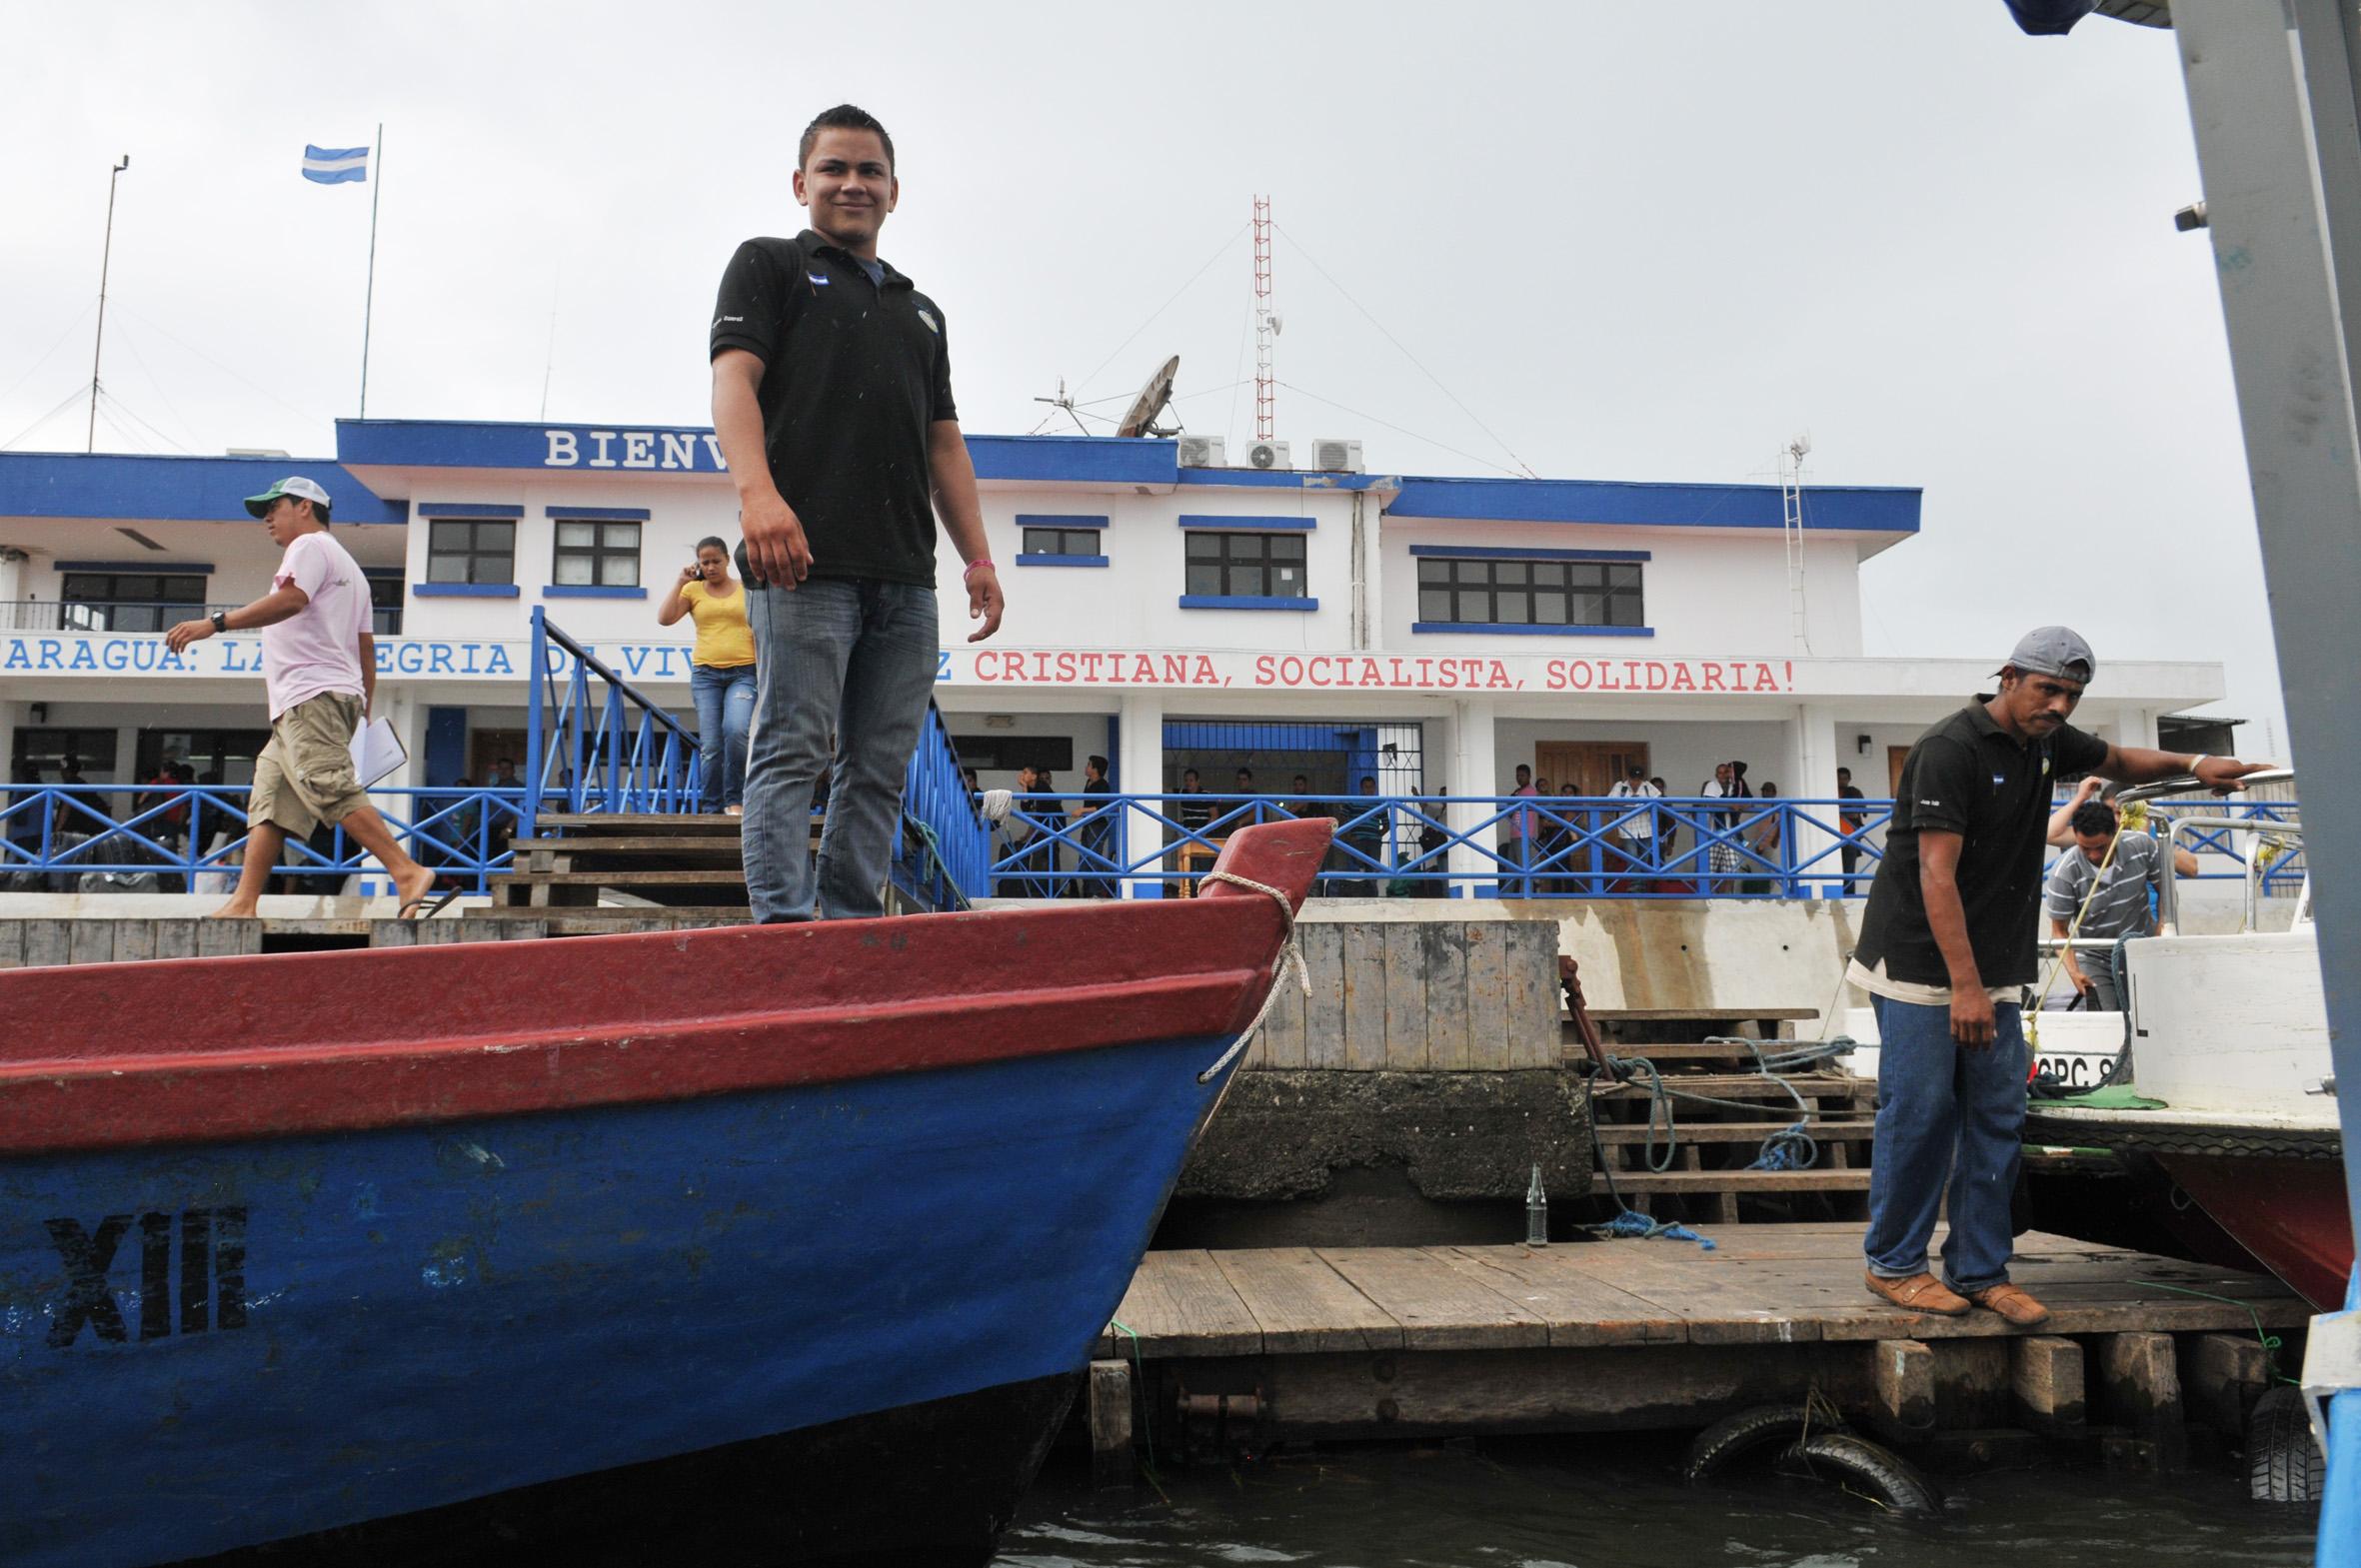 foto van een man op het dek van een boot en een andere man op de steiger ergens in Nicaragua